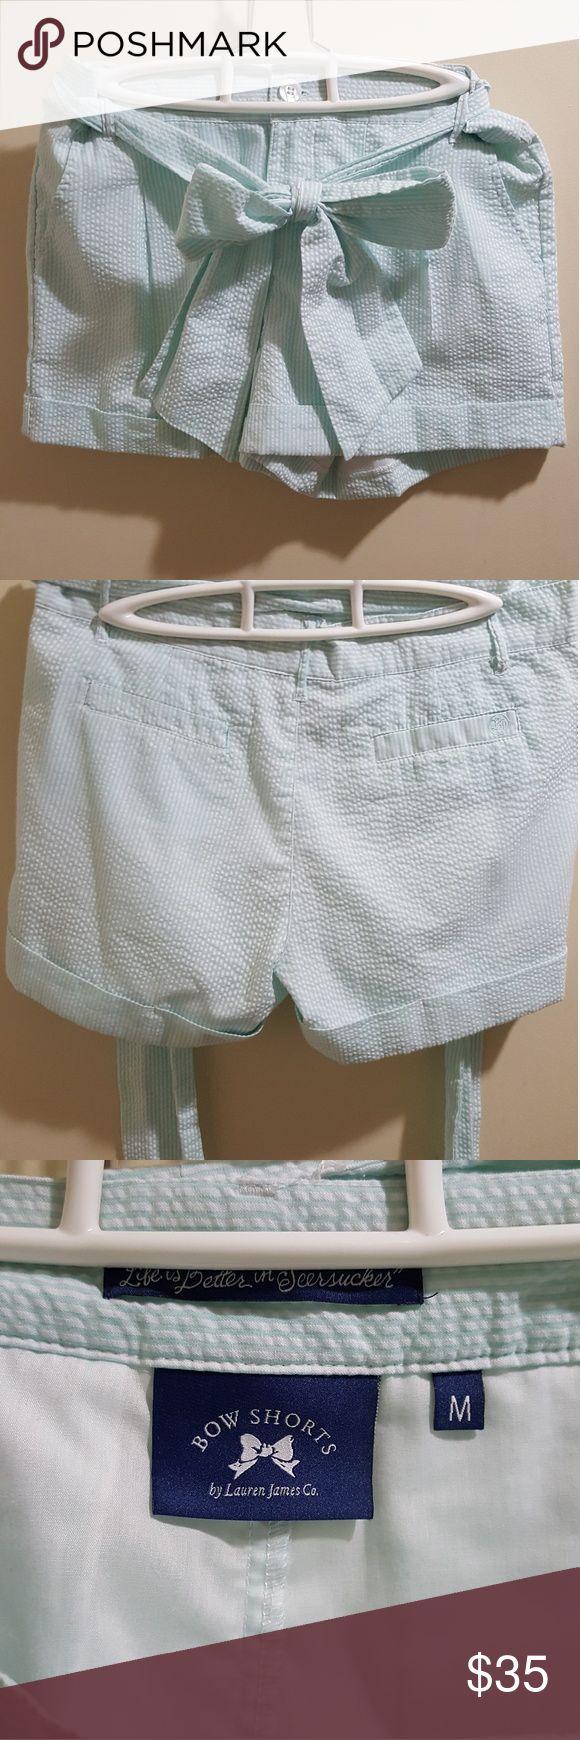 Lauren James Seersucker Shorts Mint green seersucker shorts EUC No trades Lauren James Shorts